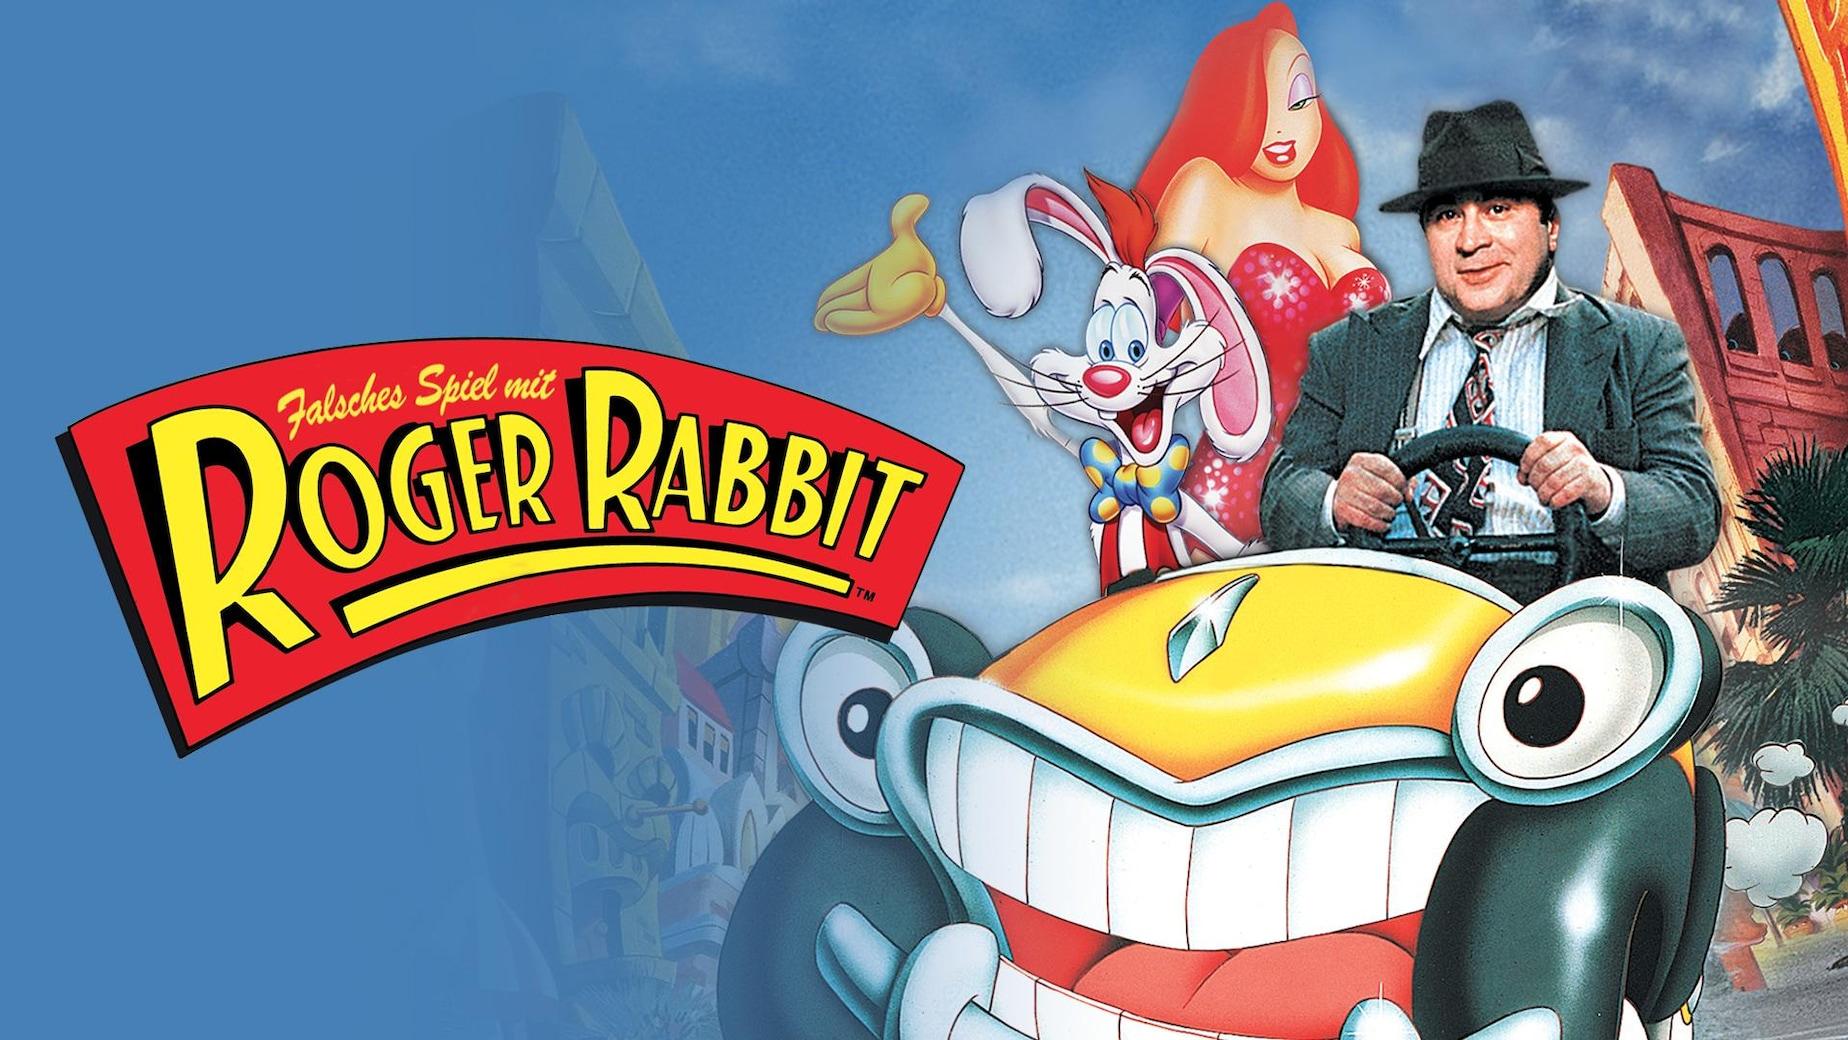 Falsches Spiel mit Roger Rabbit Jetzt in HD ansehen - CHILI